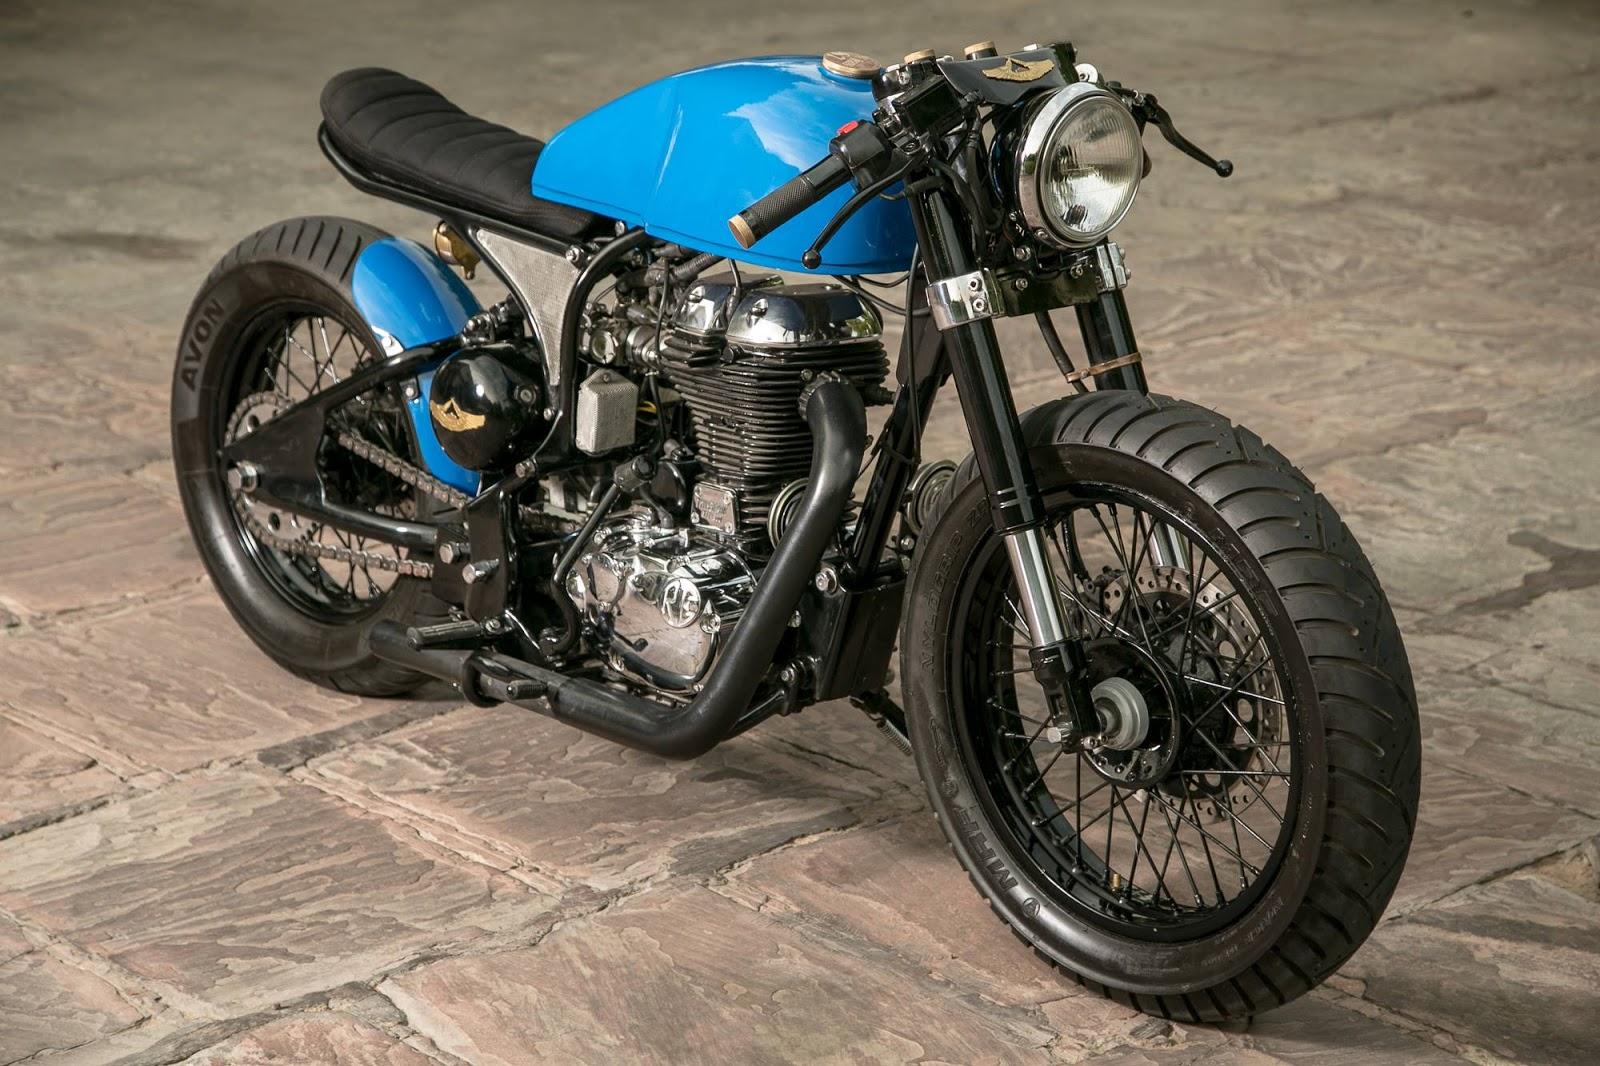 Fondos De Vehiculos: Motocicleta Fondo De Pantalla And Fondo De Escritorio